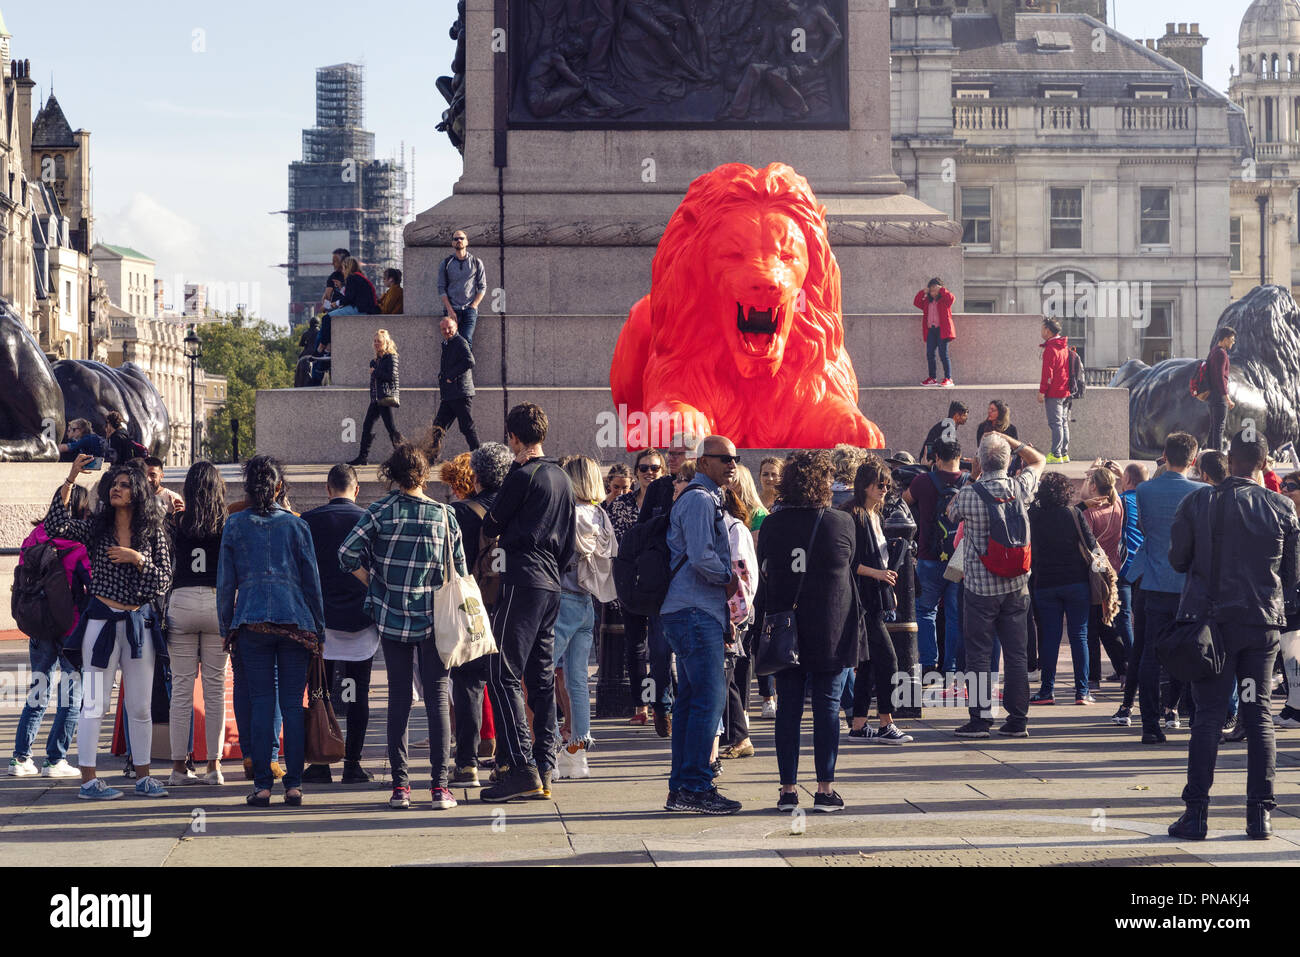 19. September 2018 - London, England. Touristen, die auf der Suche nach hellen roten, Gedicht - brüllender Löwe, die vor kurzem in Trafalgar Square enthüllt. Stockbild